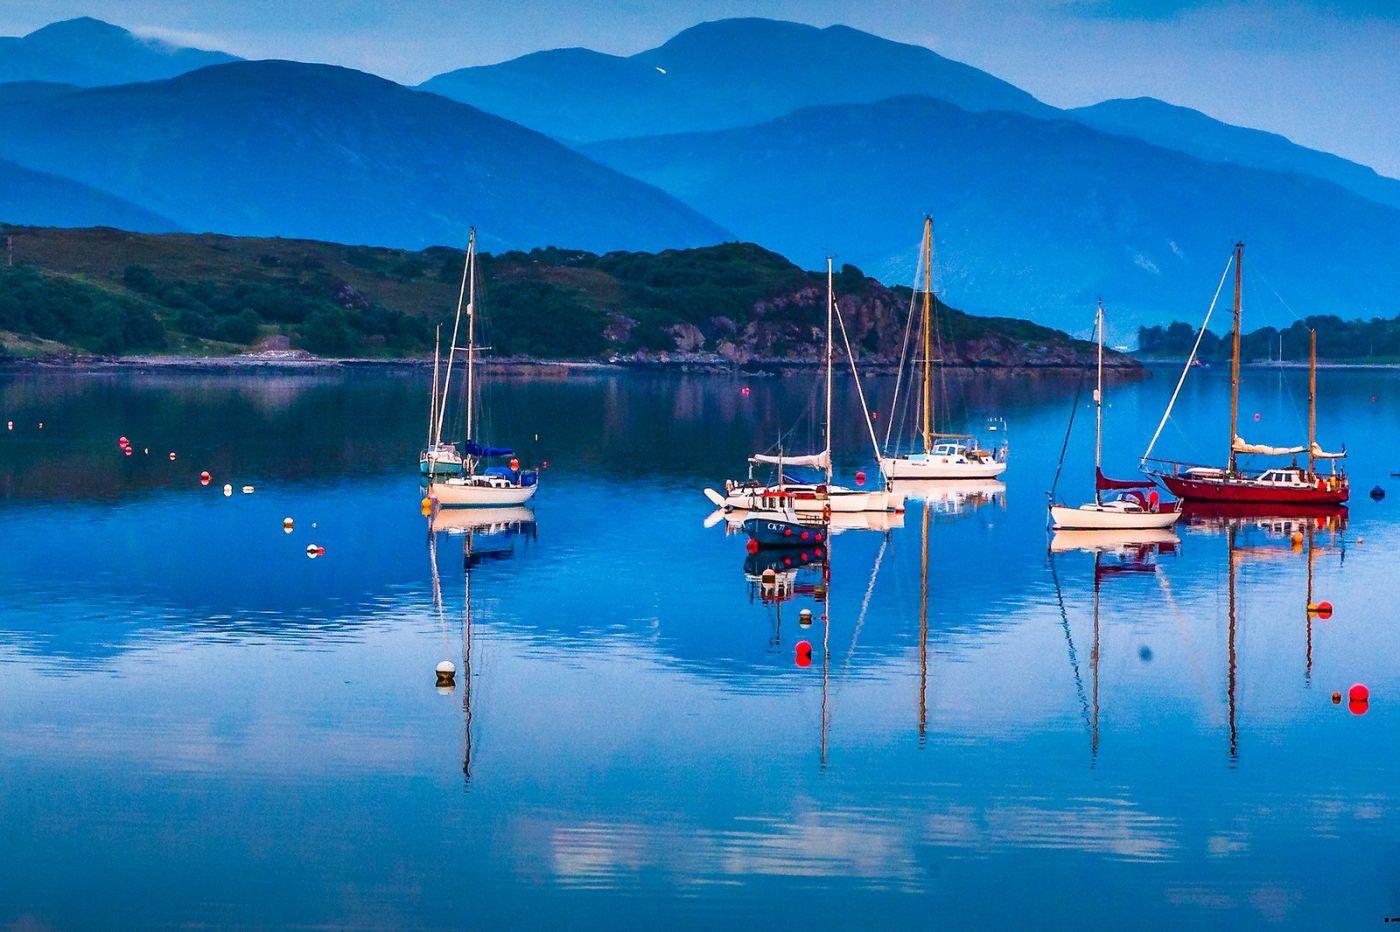 苏格兰阿勒浦(Ullapool),如镜的湖面_图1-18